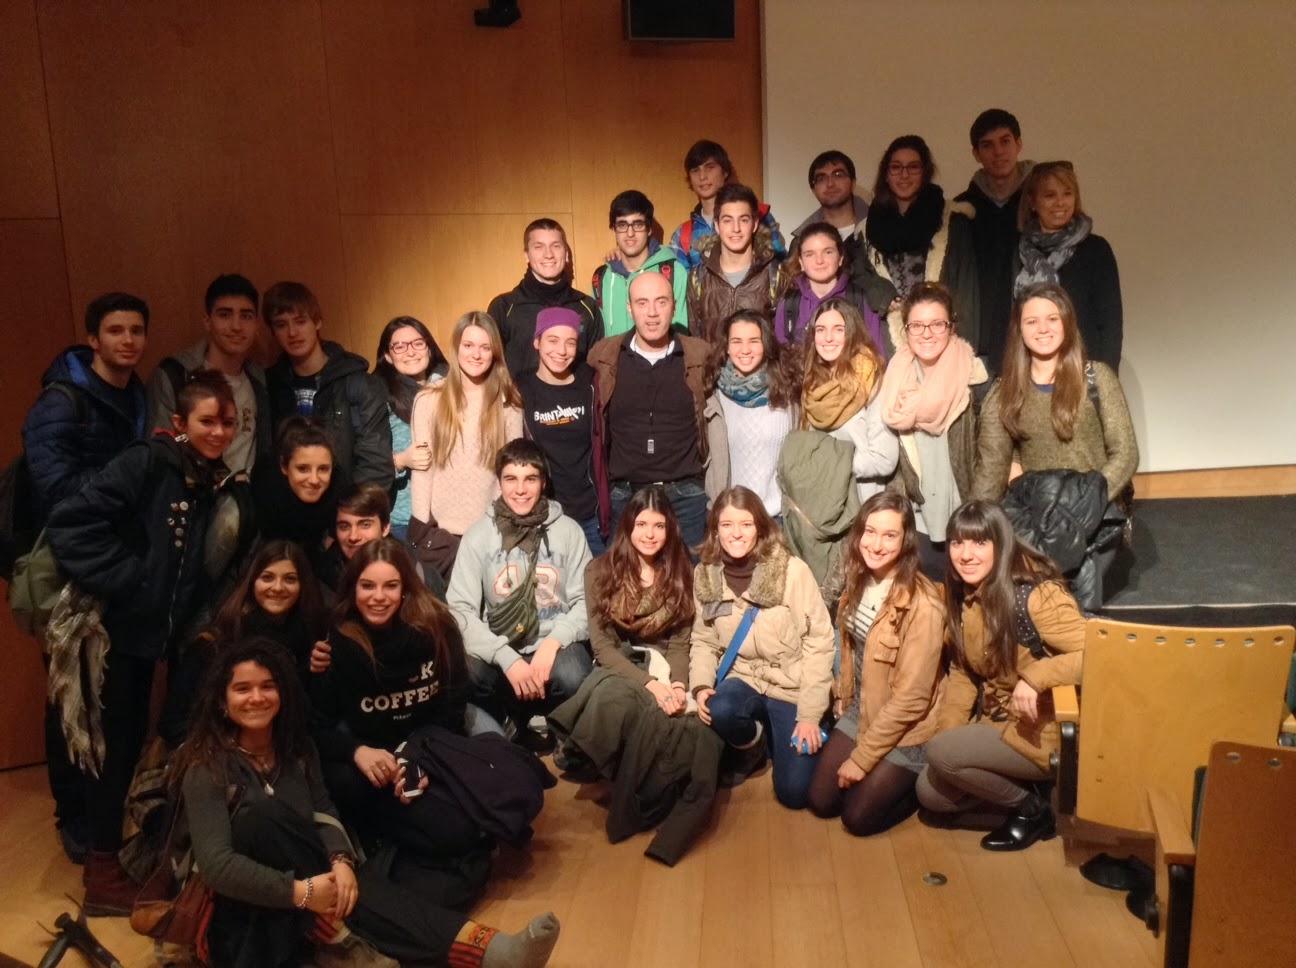 Conferència de Tomàs Molina 2013-14